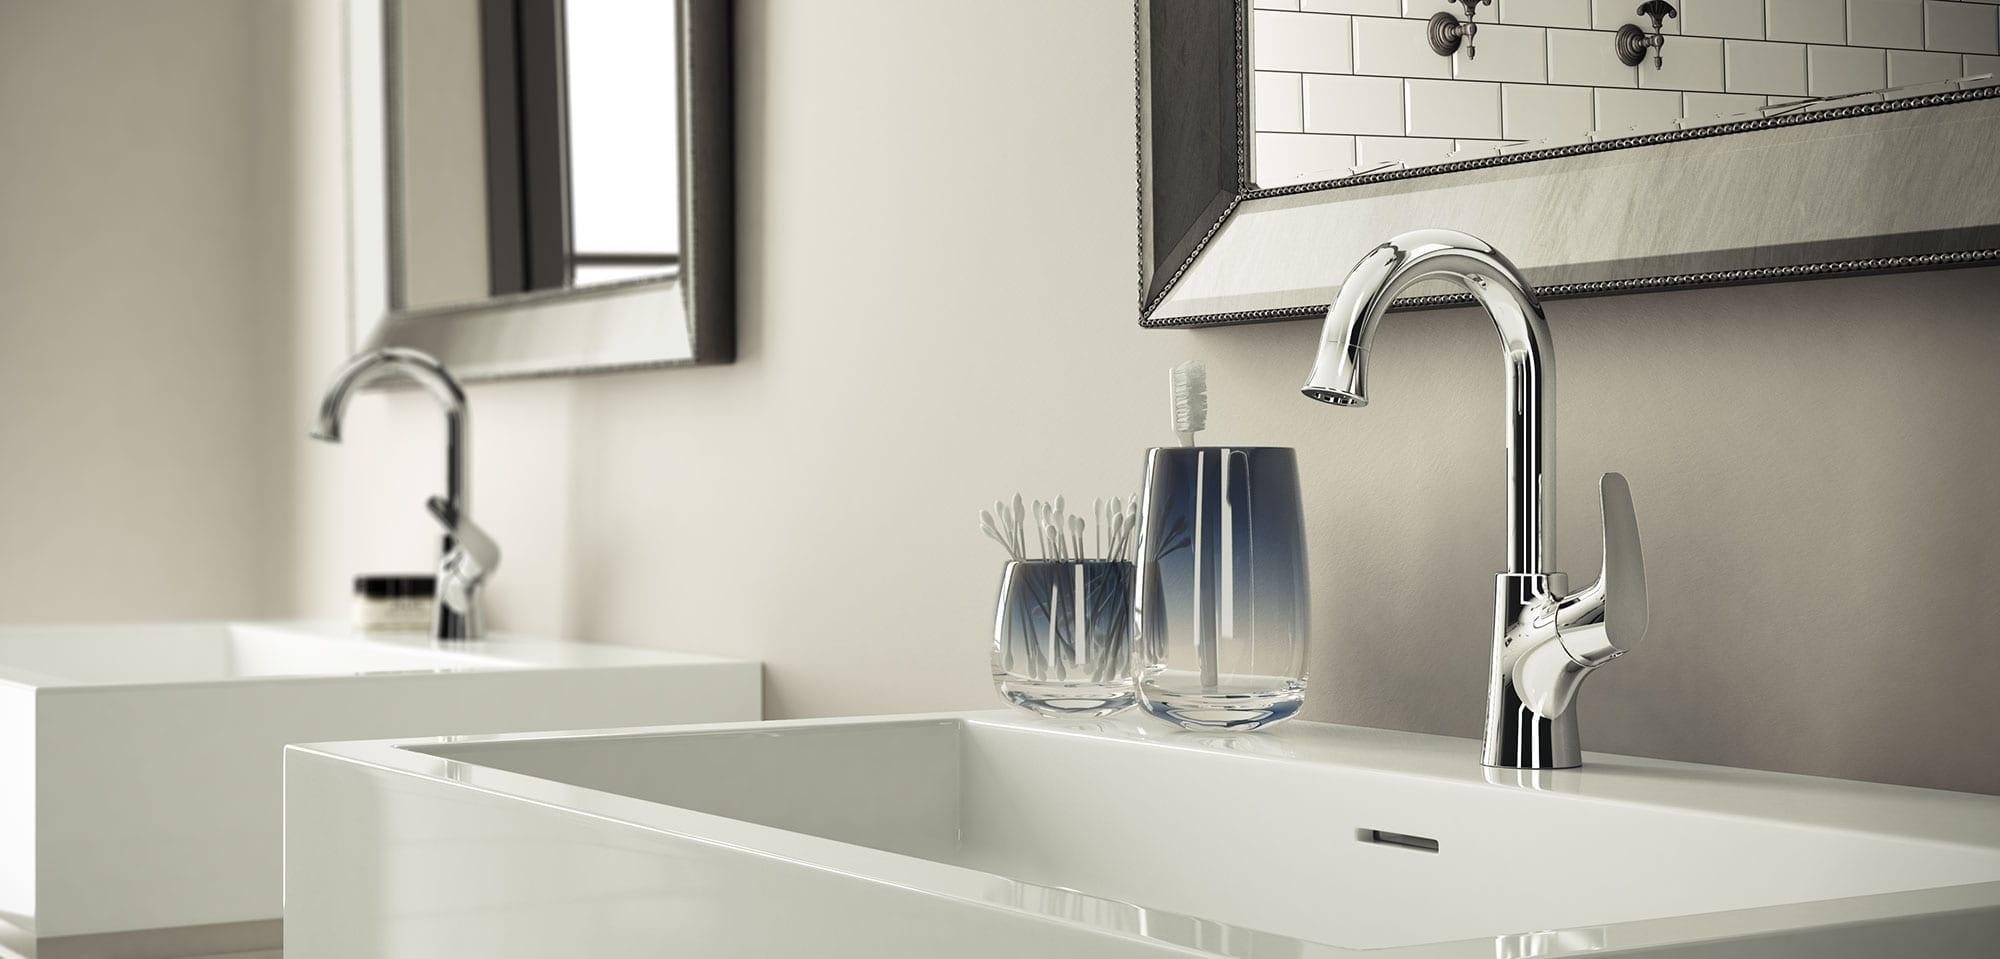 Robinet pour lavabo de salle de bain b langer upt for Robinet pour lavabo salle de bain